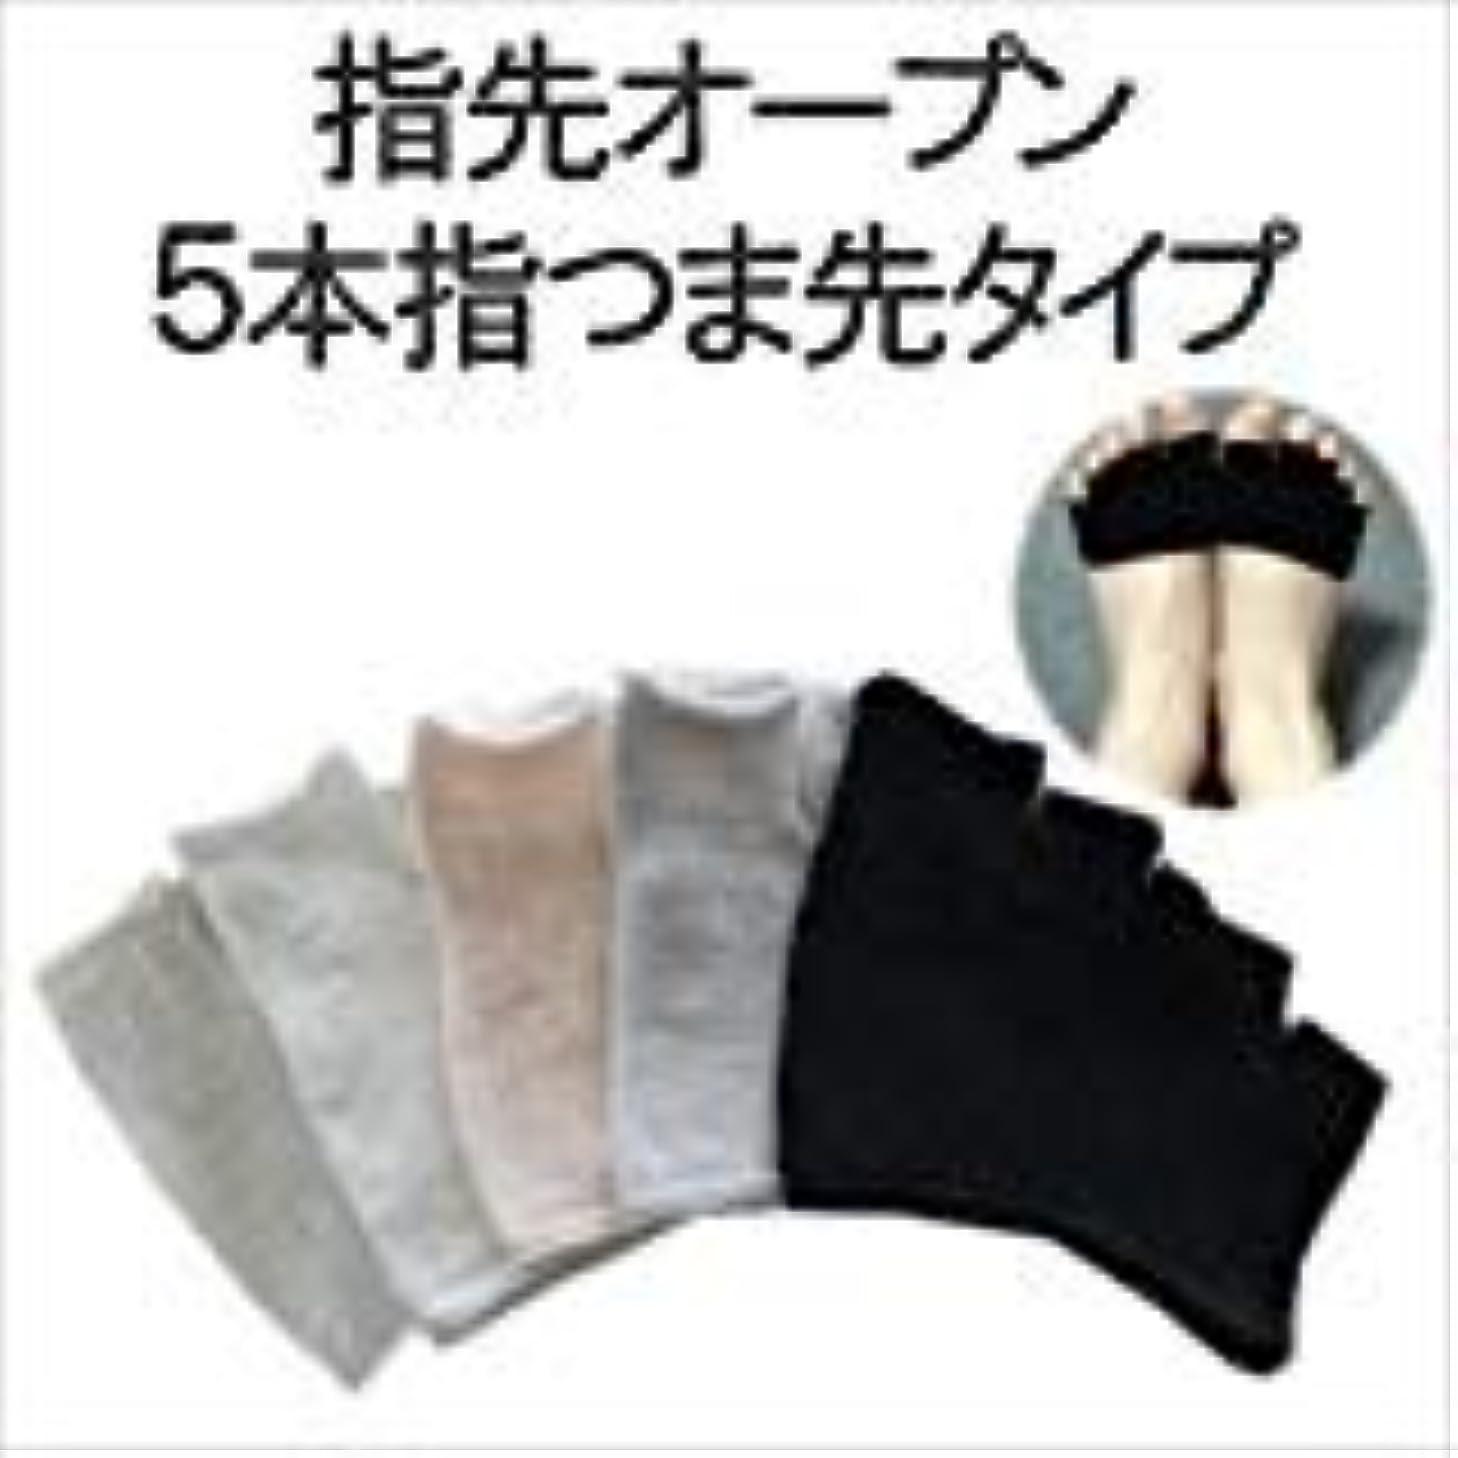 パネルコートイライラする重ね履き用 5本指 指先オープン 汗 臭い対策 男女兼用 太陽ニット 310 (ブラック)